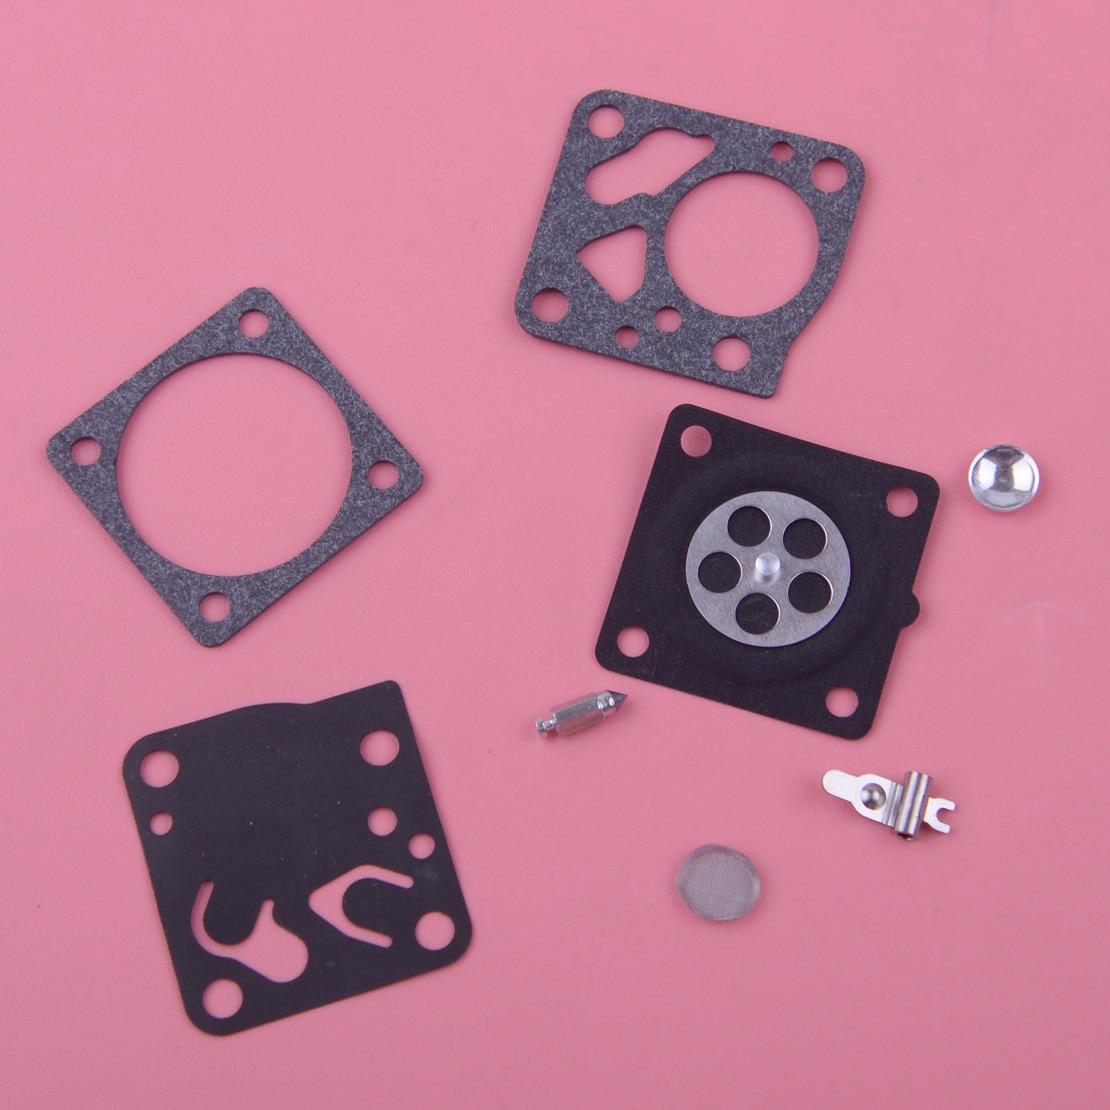 цена на LETAOSK Carburetor Repair Kit Carb Rebuild Tool Gasket Set Fit for Tecumseh TC200 TC300 Tillotson RK21 HU 632933